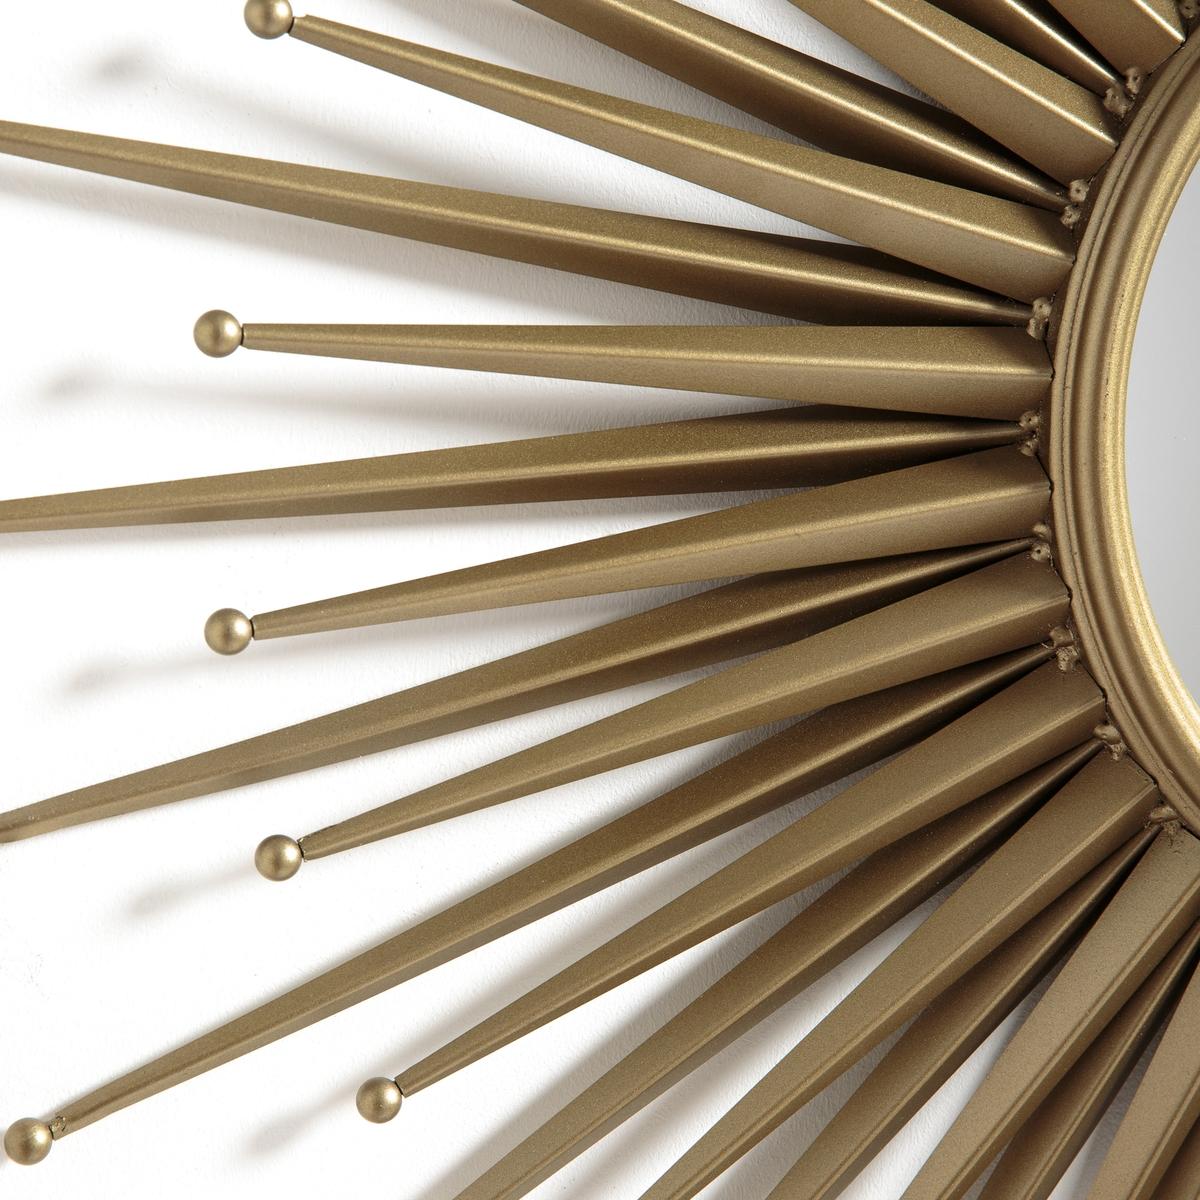 Зеркало-солнце ?78 см, NihadaЗеркало Nihada. Обновленная модель культового зеркала-солнца. Можно использовать одно или несколько зеркал, продающихся на нашем сайте. Характеристики :- Металлическая рамка с эффектом состаренной латуни- Крючок для крепления на стену (саморезы и дюбели не входят в комплект) . Размер : - ?78 см.- Зеркало: ?25 смРазмеры и вес упаковки: - Ш.87,5 x В.87,5 x Г.11,7 см.Доставка : Возможна доставка до квартиры по предварительному согласованию!Внимание ! Убедитесь в том, что товар возможно доставить на дом, учитывая его габариты (проходит в двери, по лестницам, в лифты).<br><br>Цвет: старинная латунь